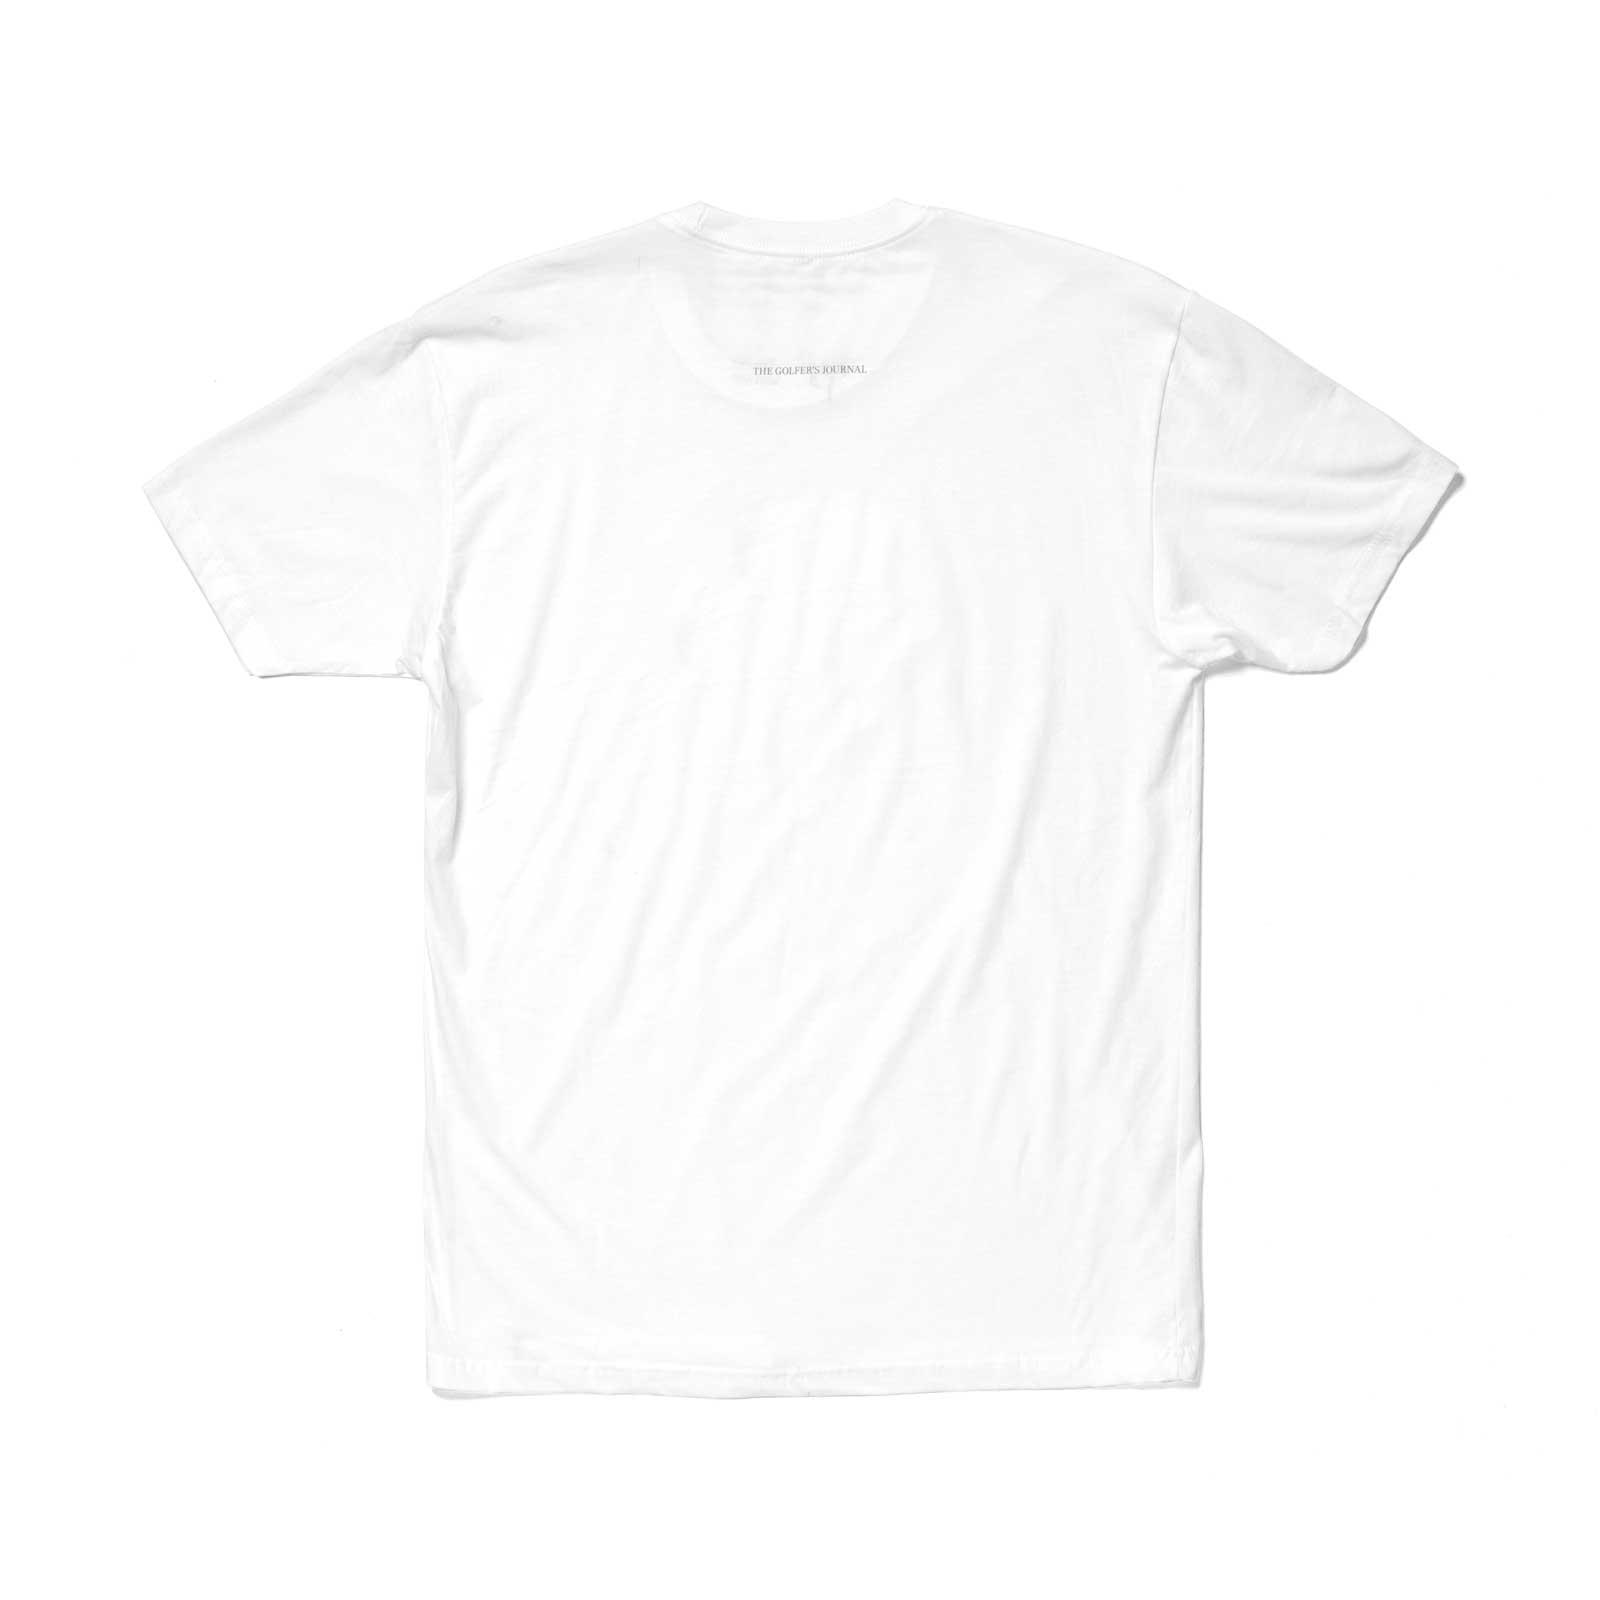 TGJ Endless Summer T-Shirt